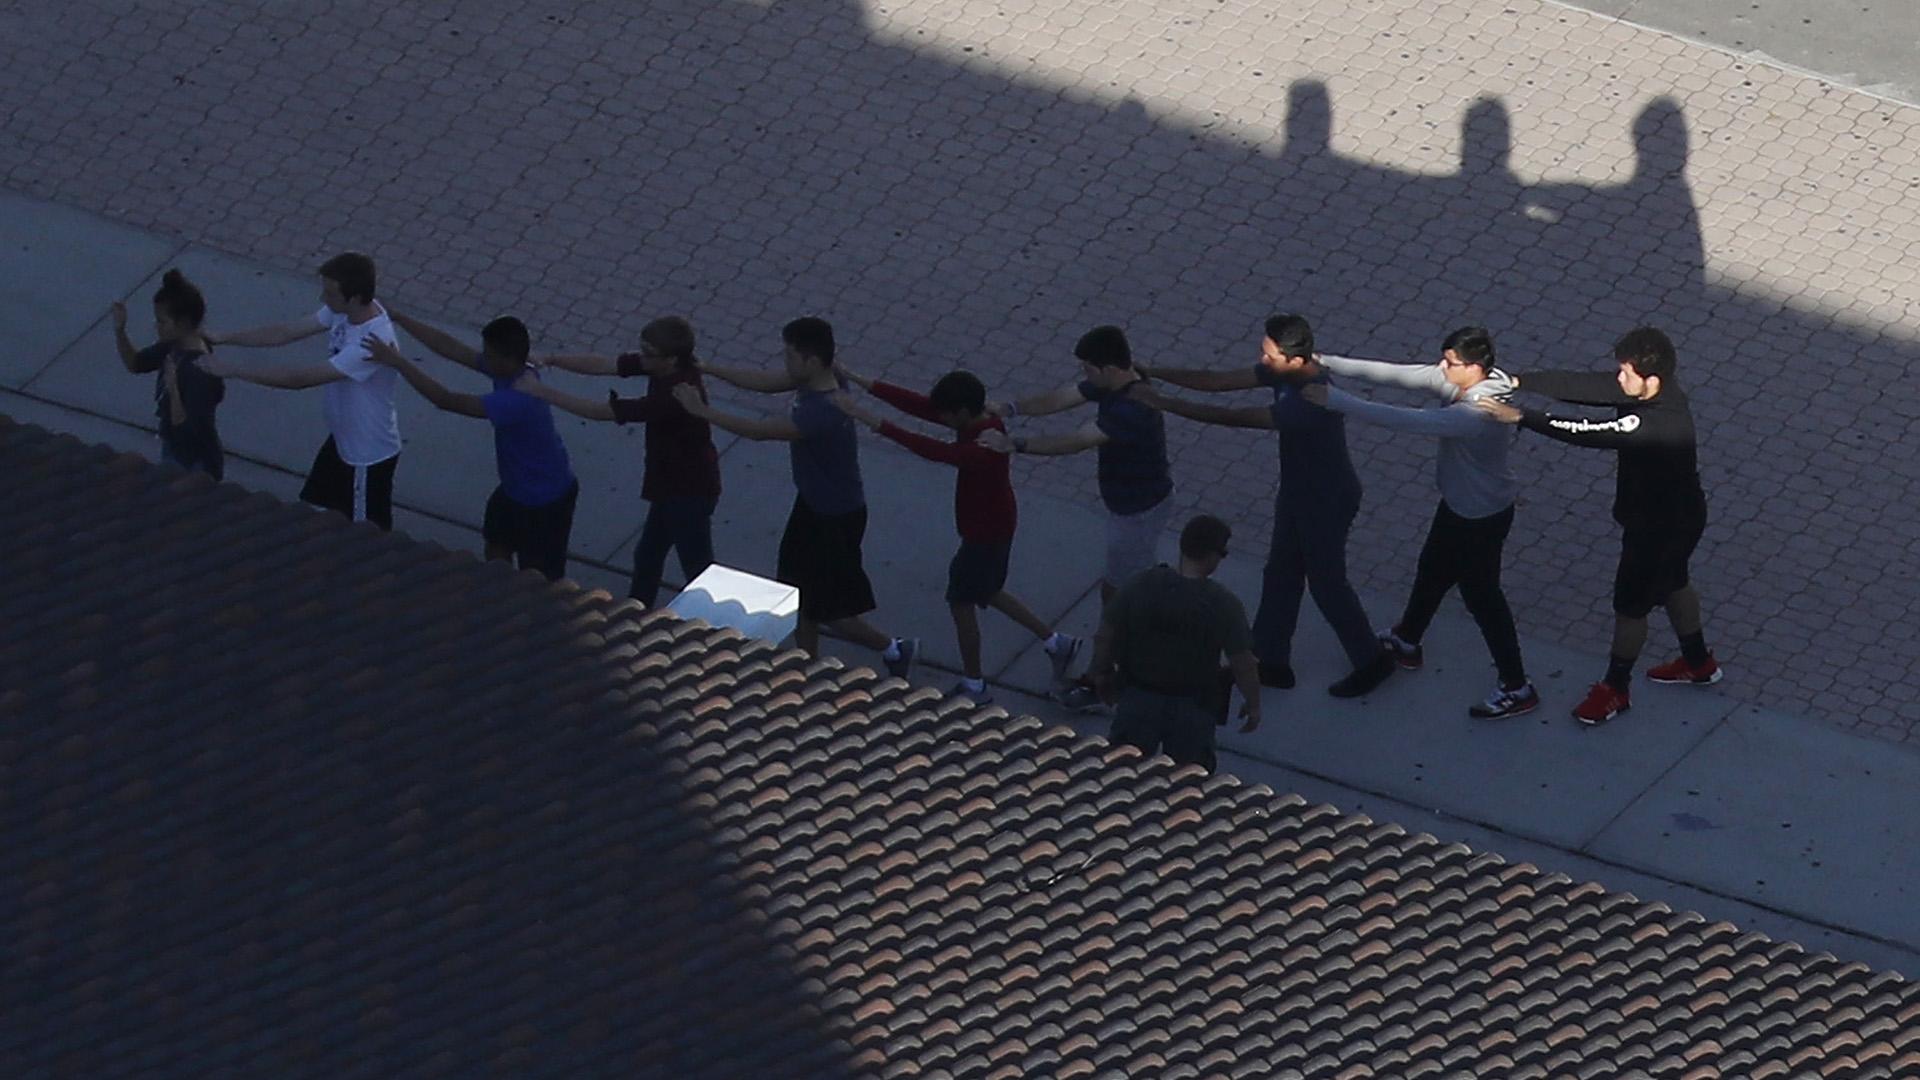 Una fila de alumnos evacuan en fila el instituto. (AFP)